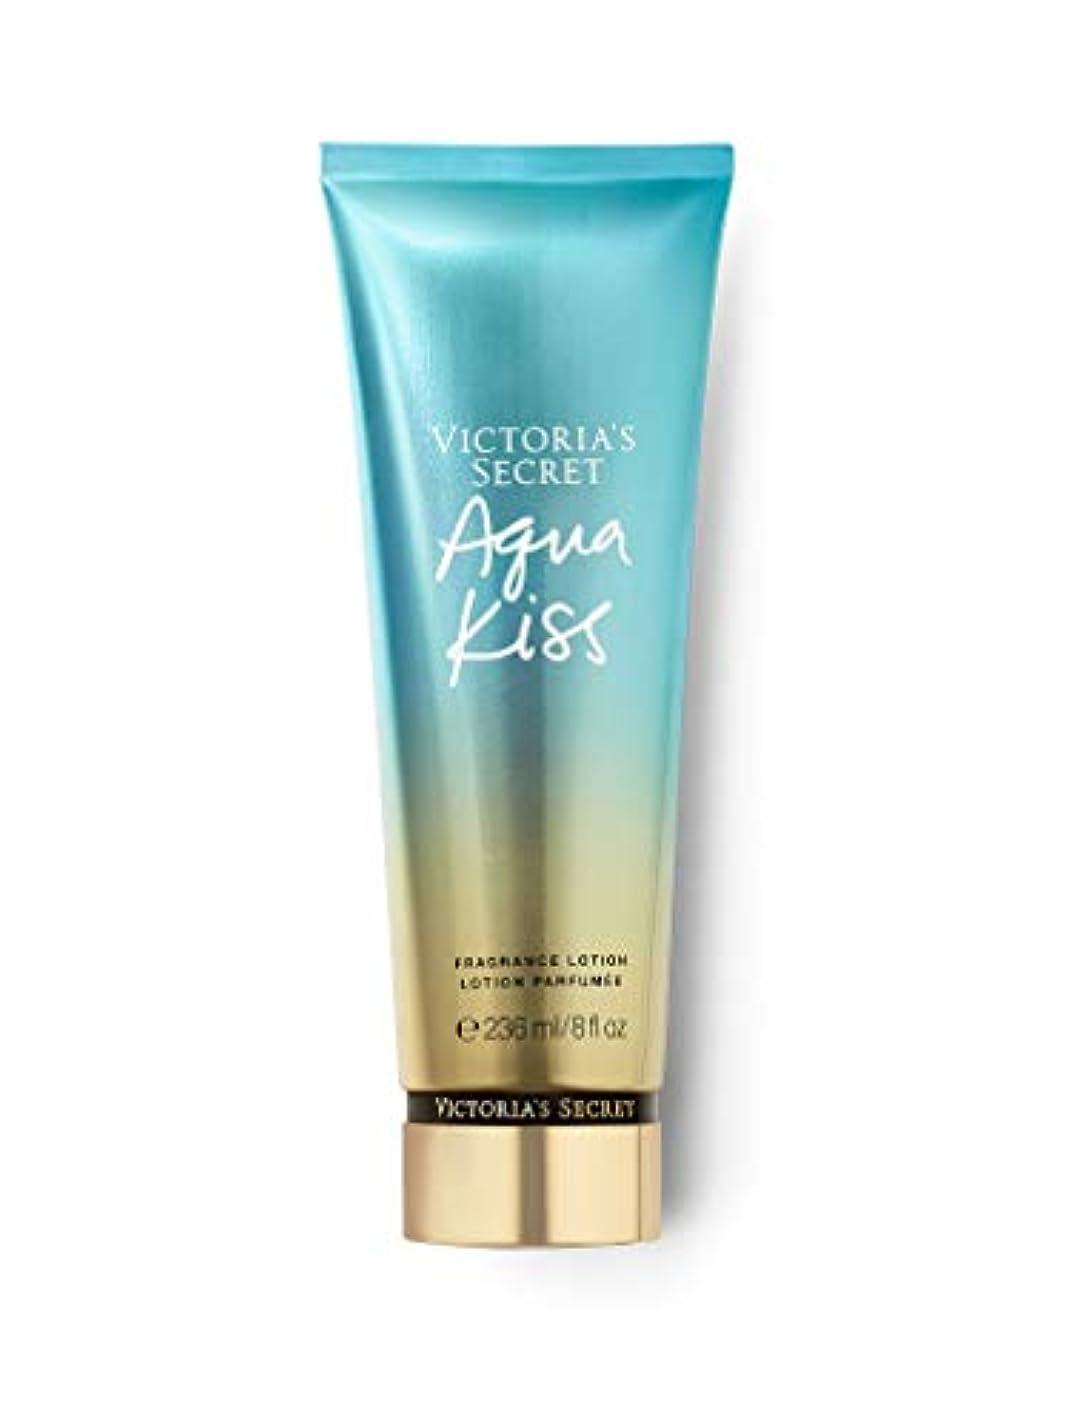 魅力突き刺す昼間アクアキス フレグランスローション ( 96F-Aqua Kiss ) VICTORIA'S SECRET ヴィクトリアシークレット/ビクトリアシークレット [並行輸入品]